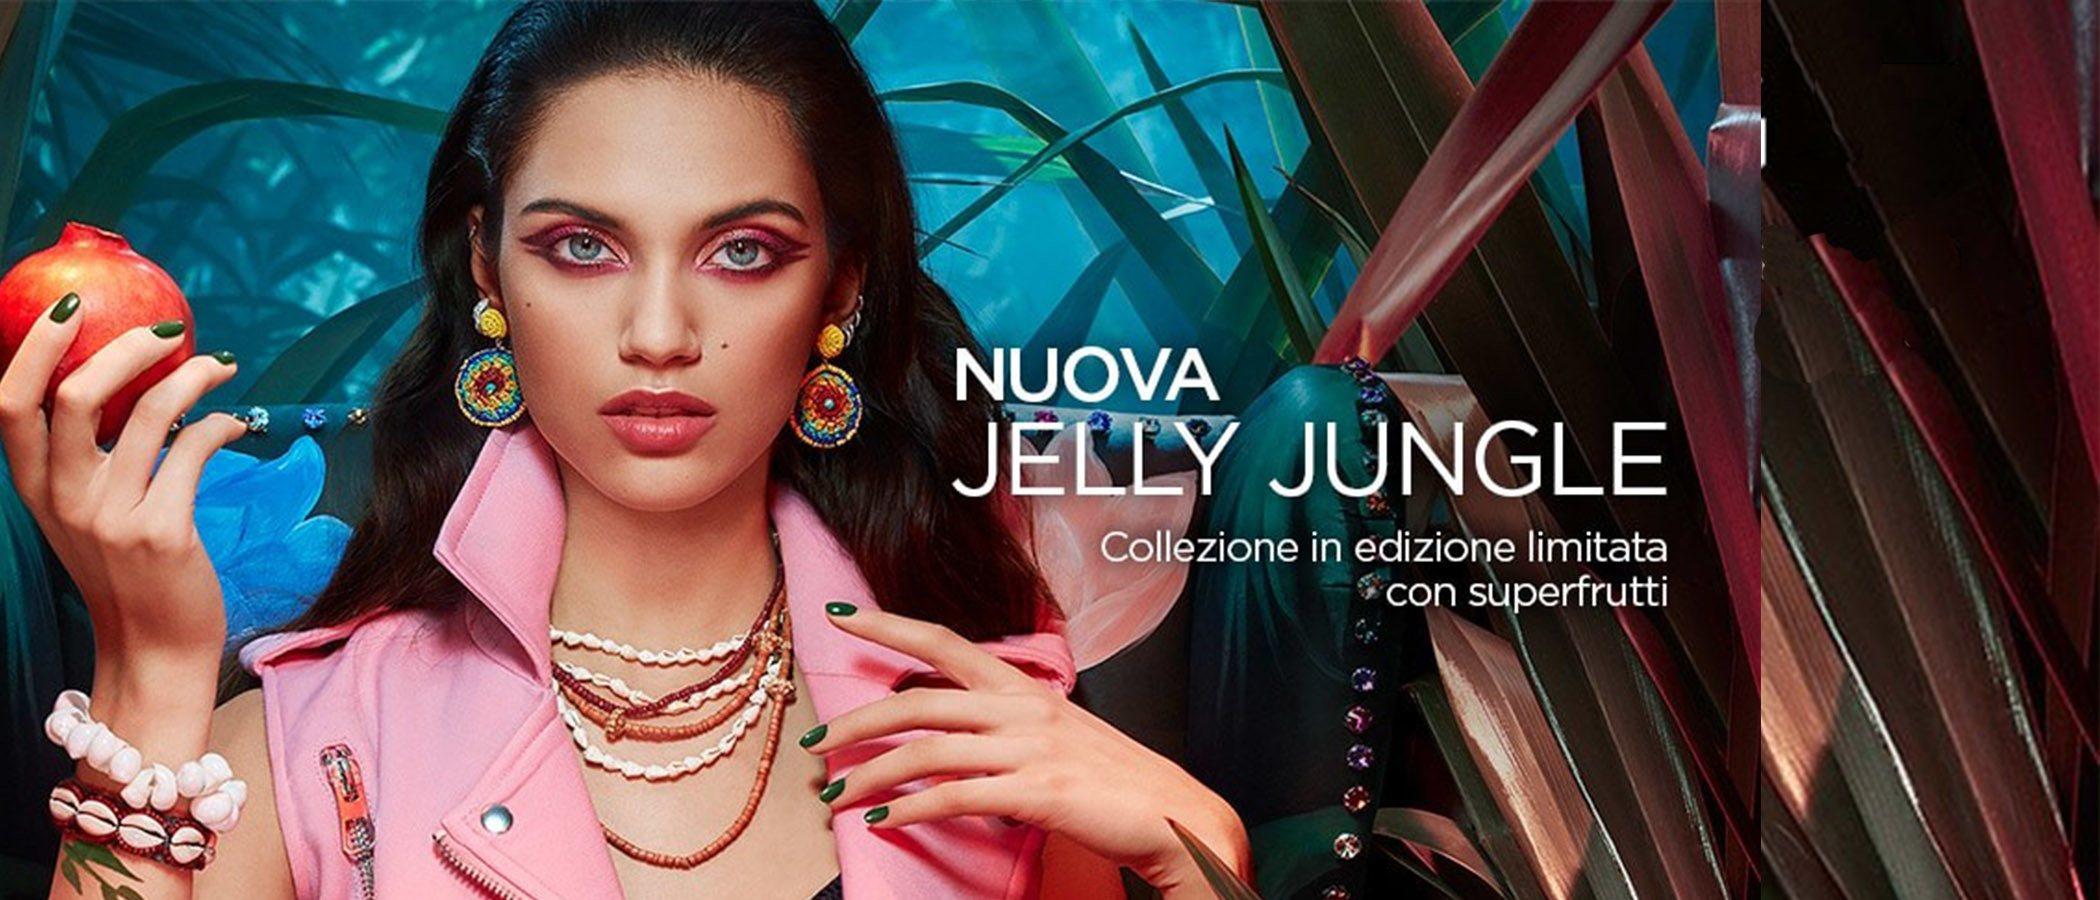 Kiko Milano saca su lado más salvaje con su nueva colección de verano 'Jelly Jungle'